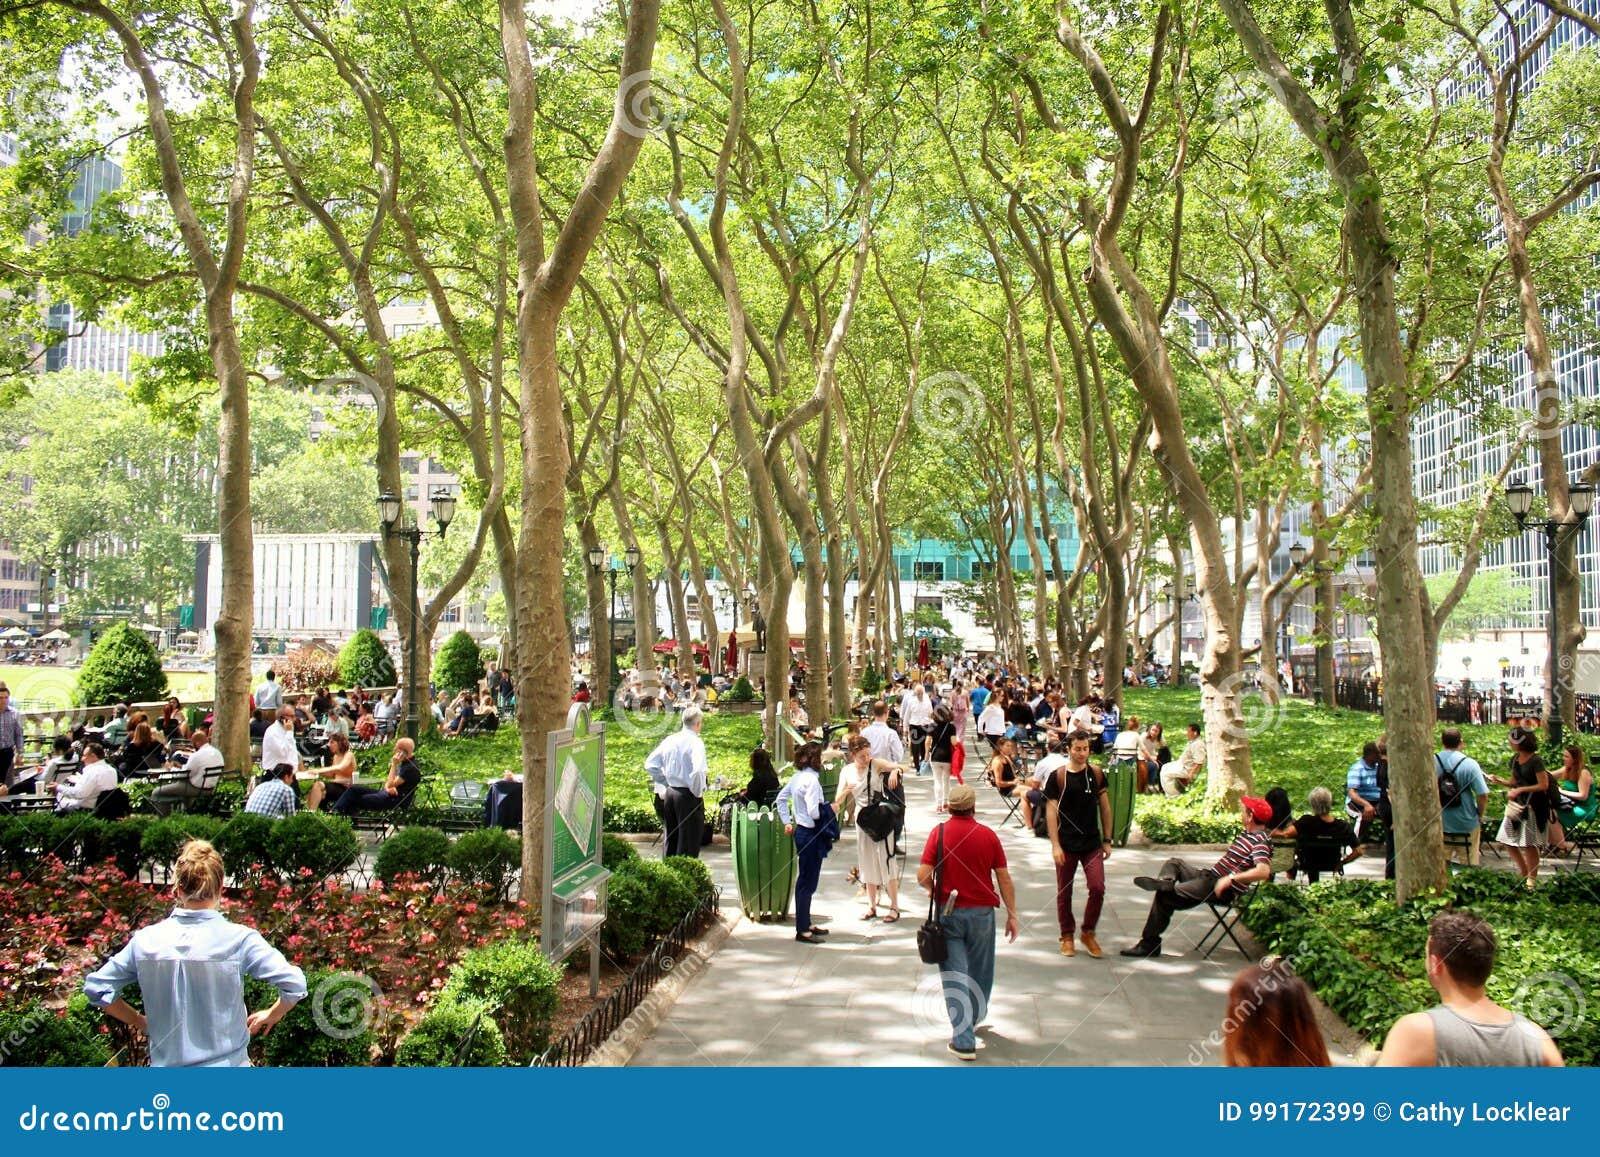 New York City Bryant Park - 19 juin 2017 - les gens marchant et détendant en Bryant Park